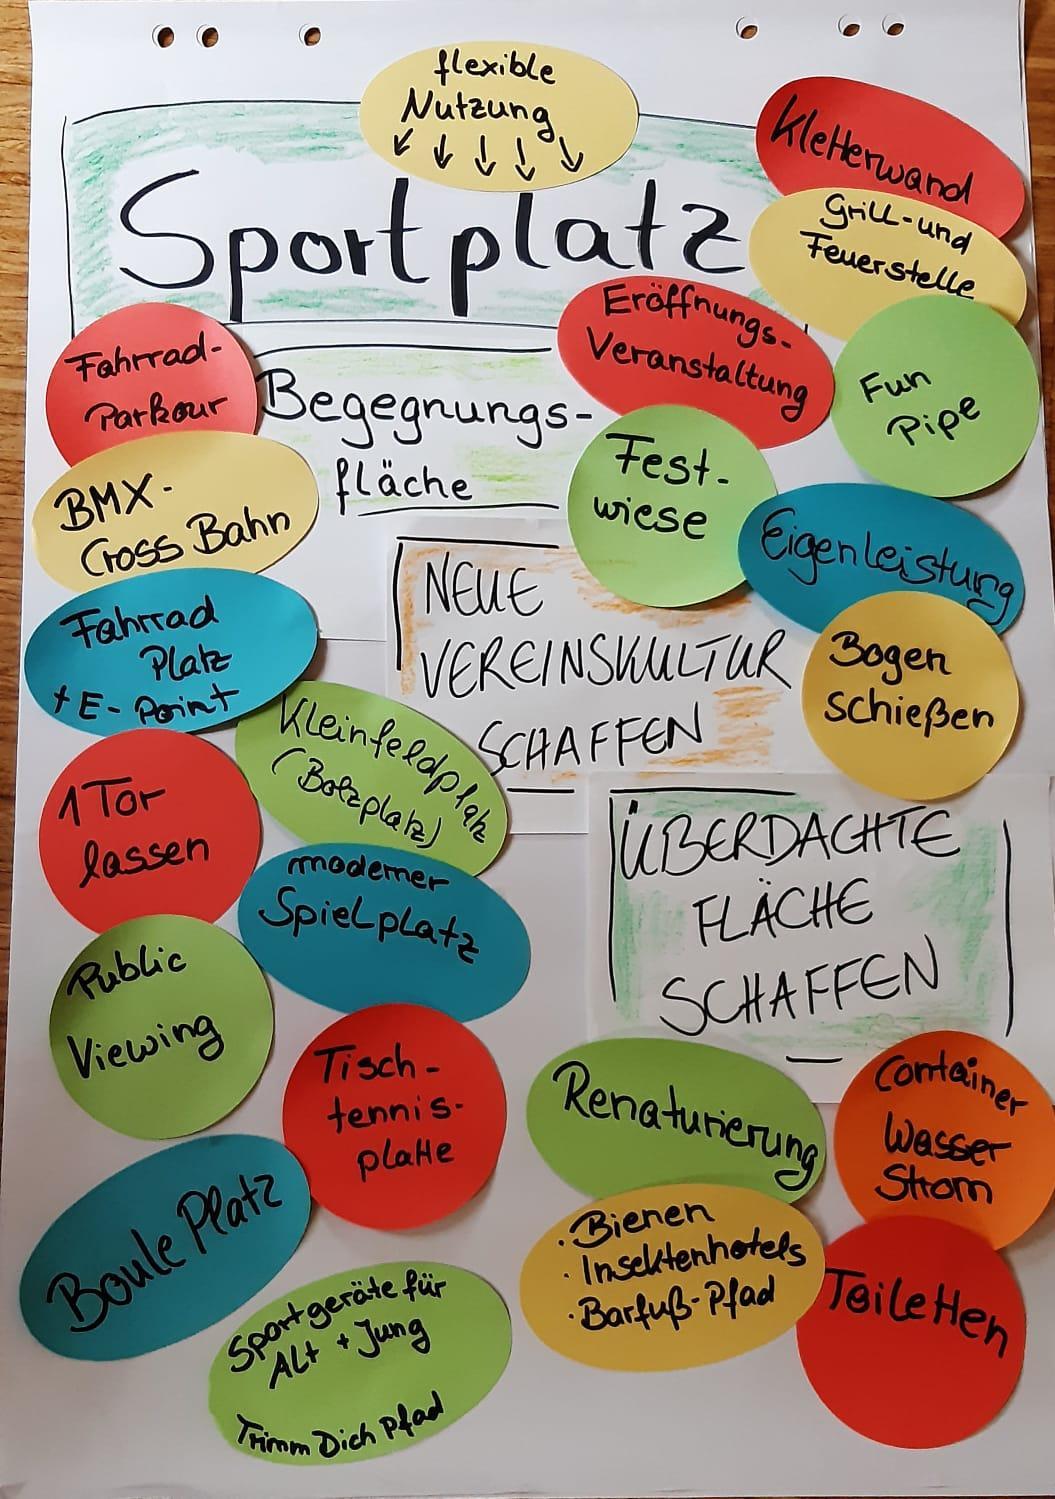 Zukunft Sportplatz